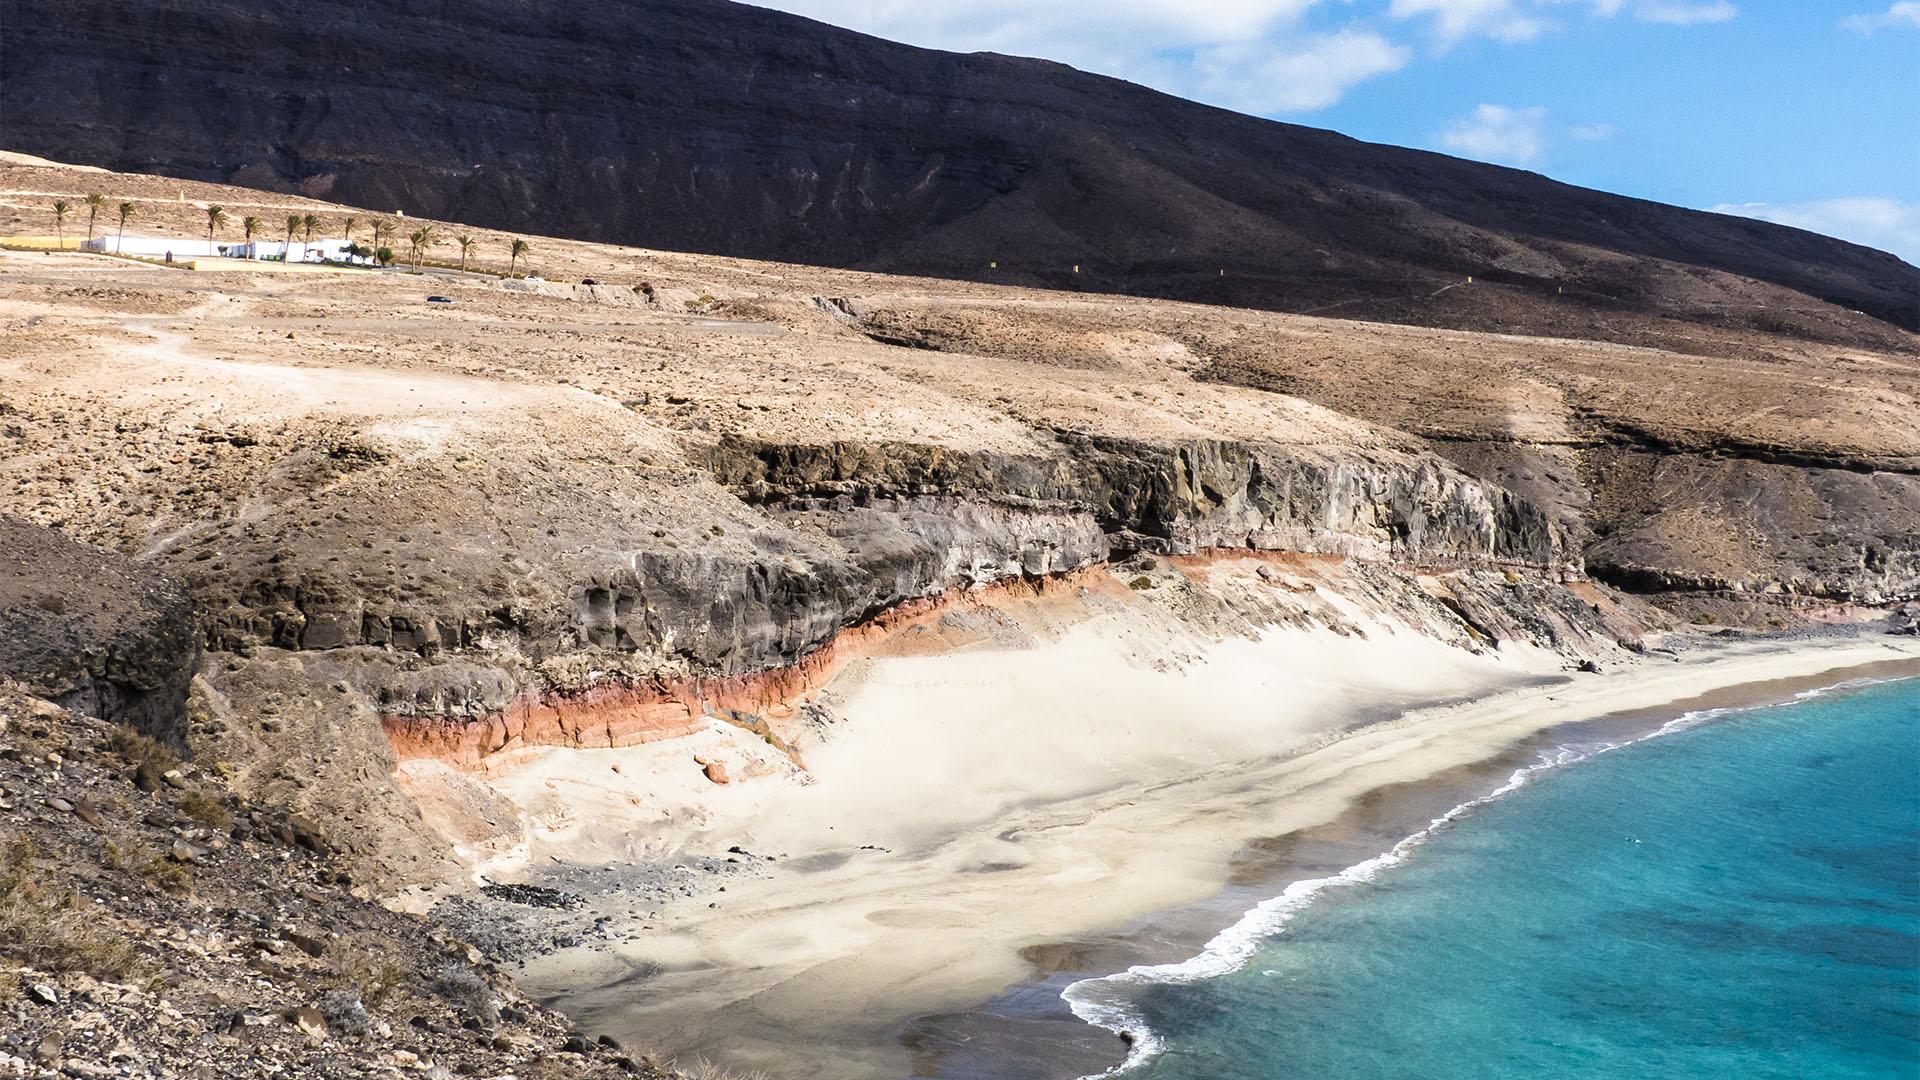 Die Strände Fuerteventuras: Playa de las Coloradas.